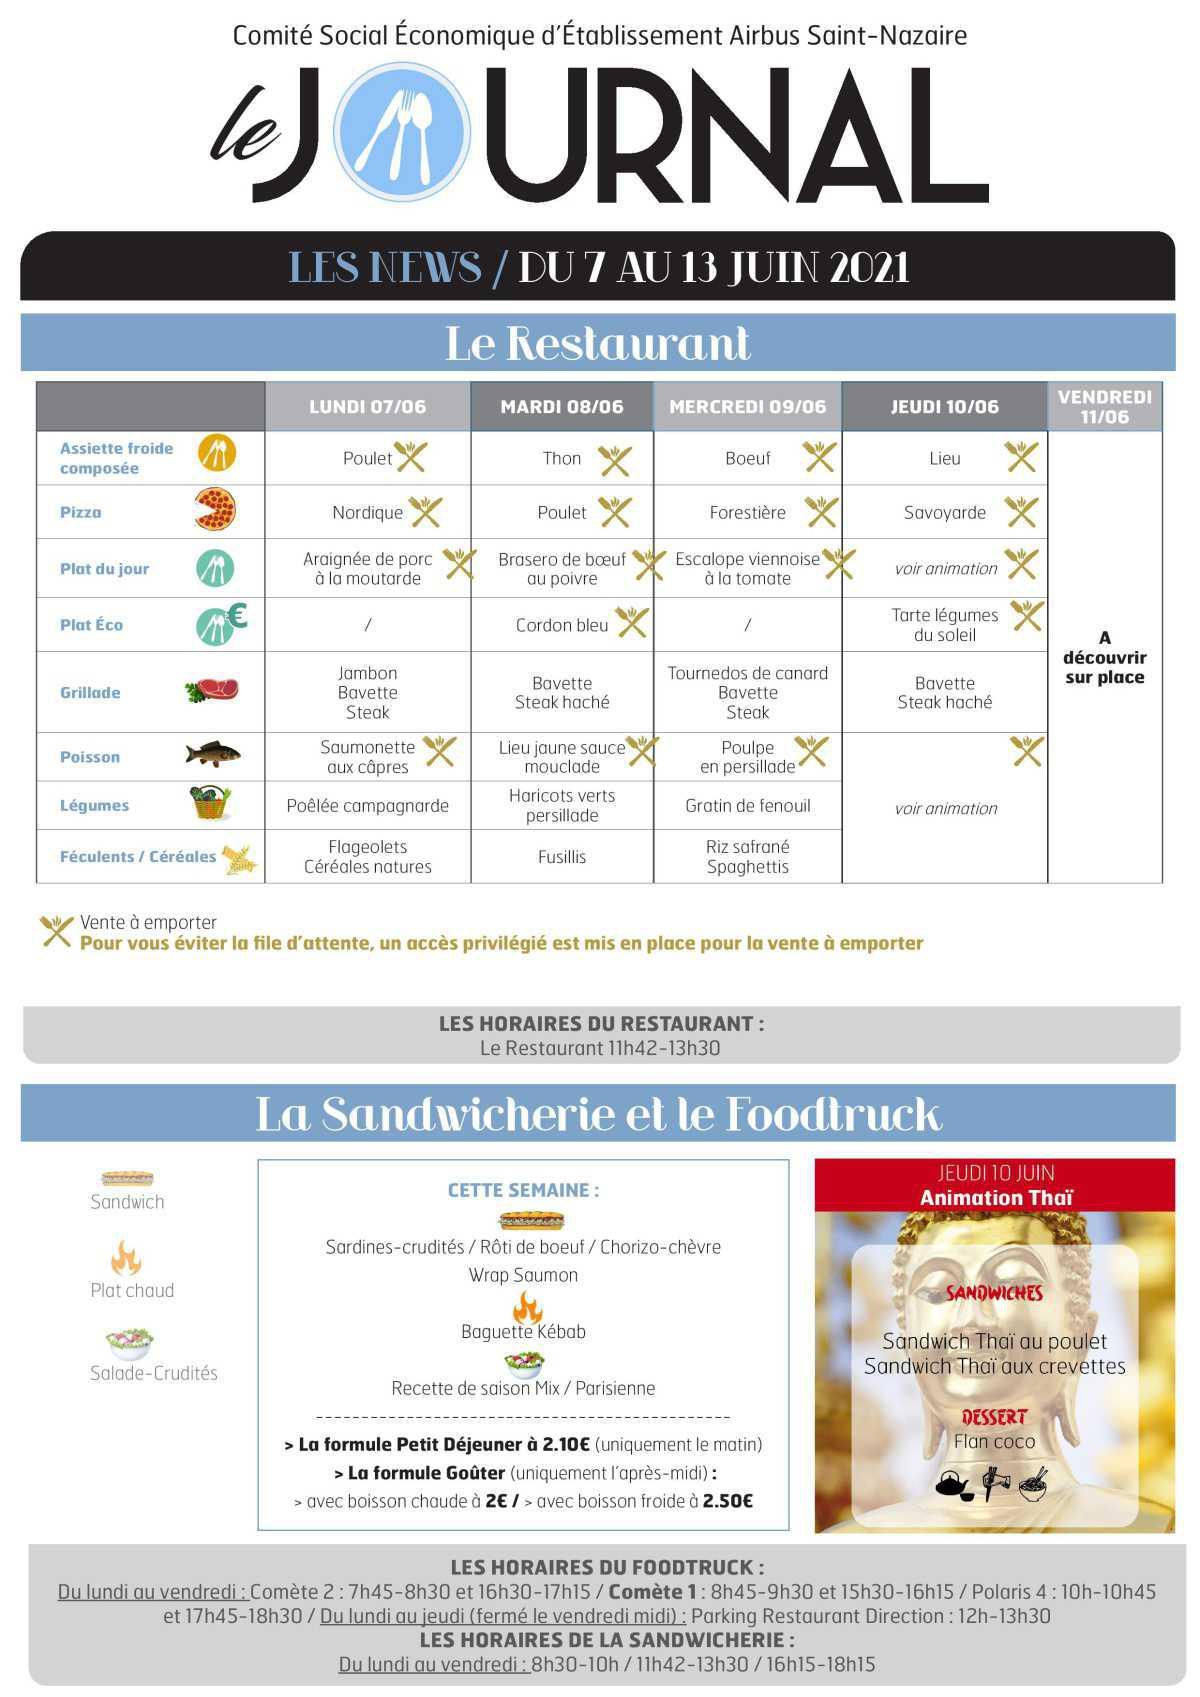 Informations du CSE et de la COOP semaine 23